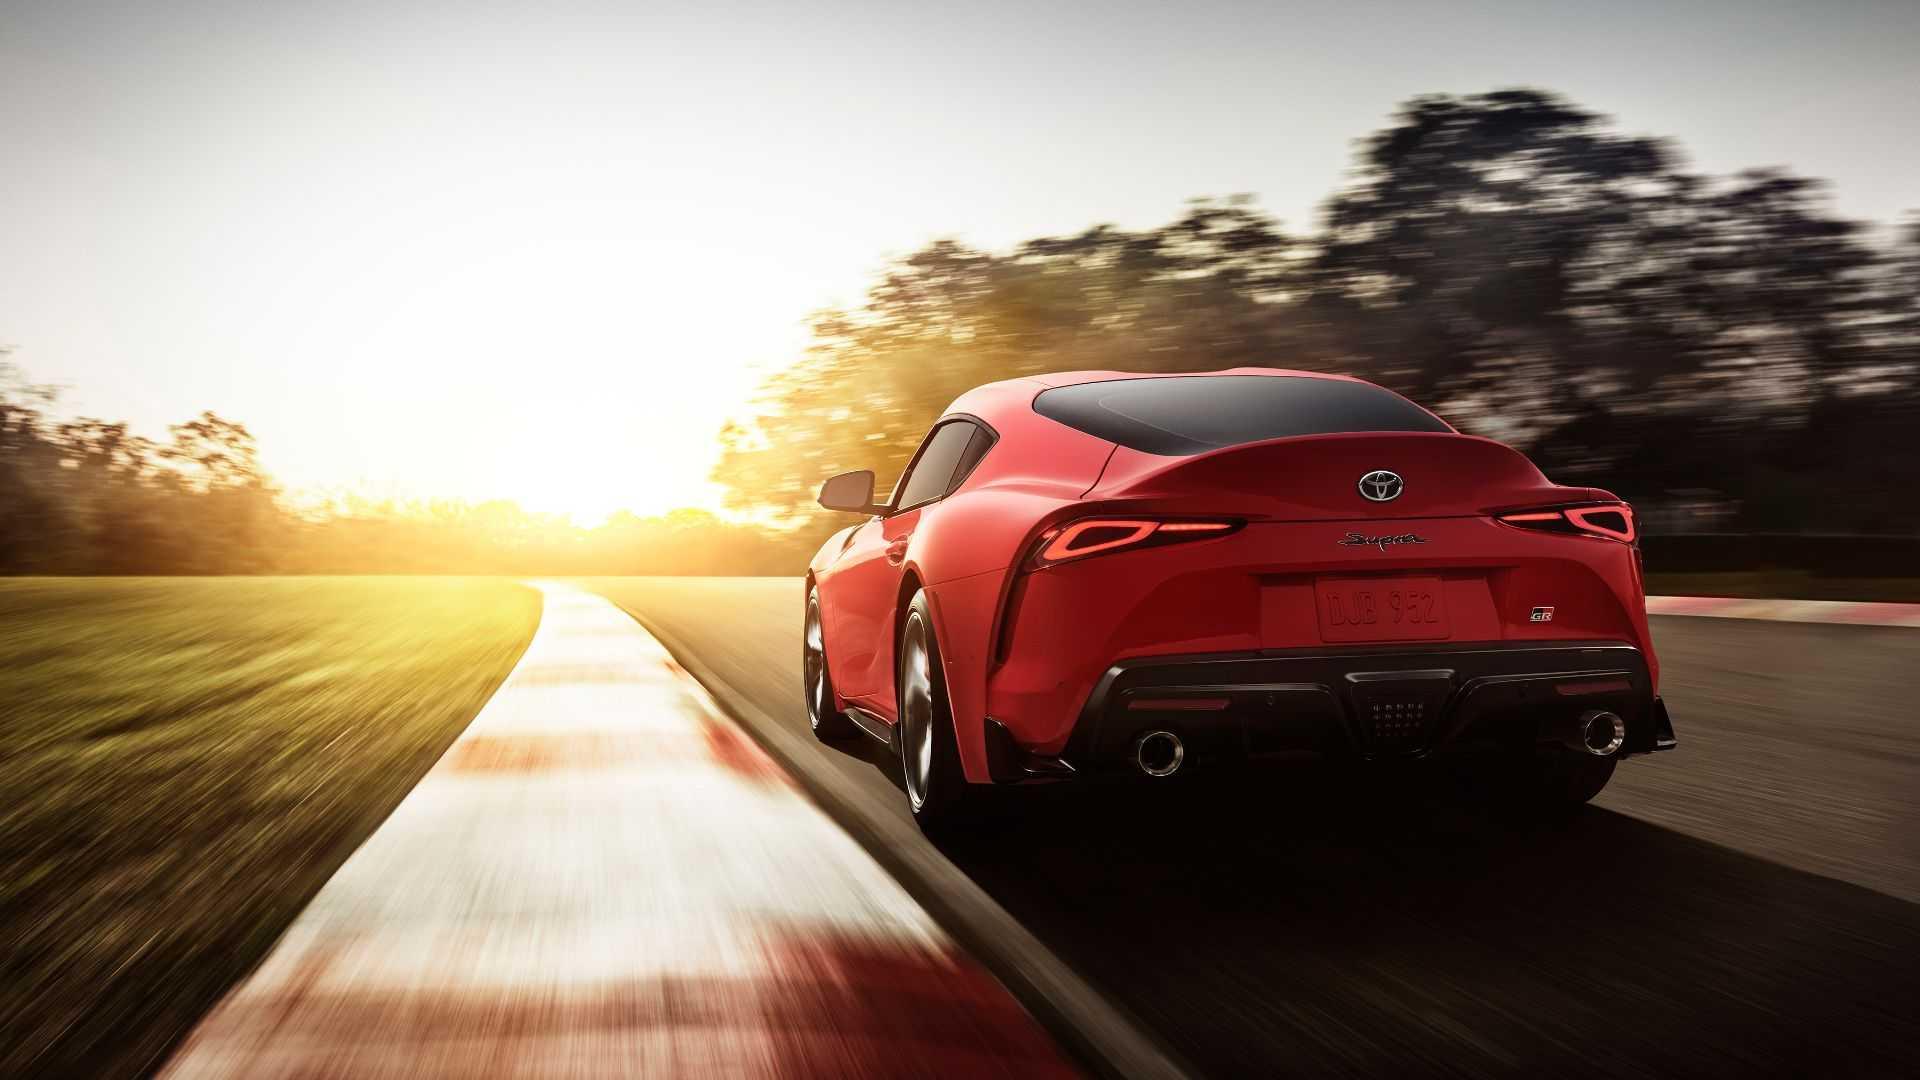 Новая Toyota Supra может установить рекорд Нюрбургринга 2